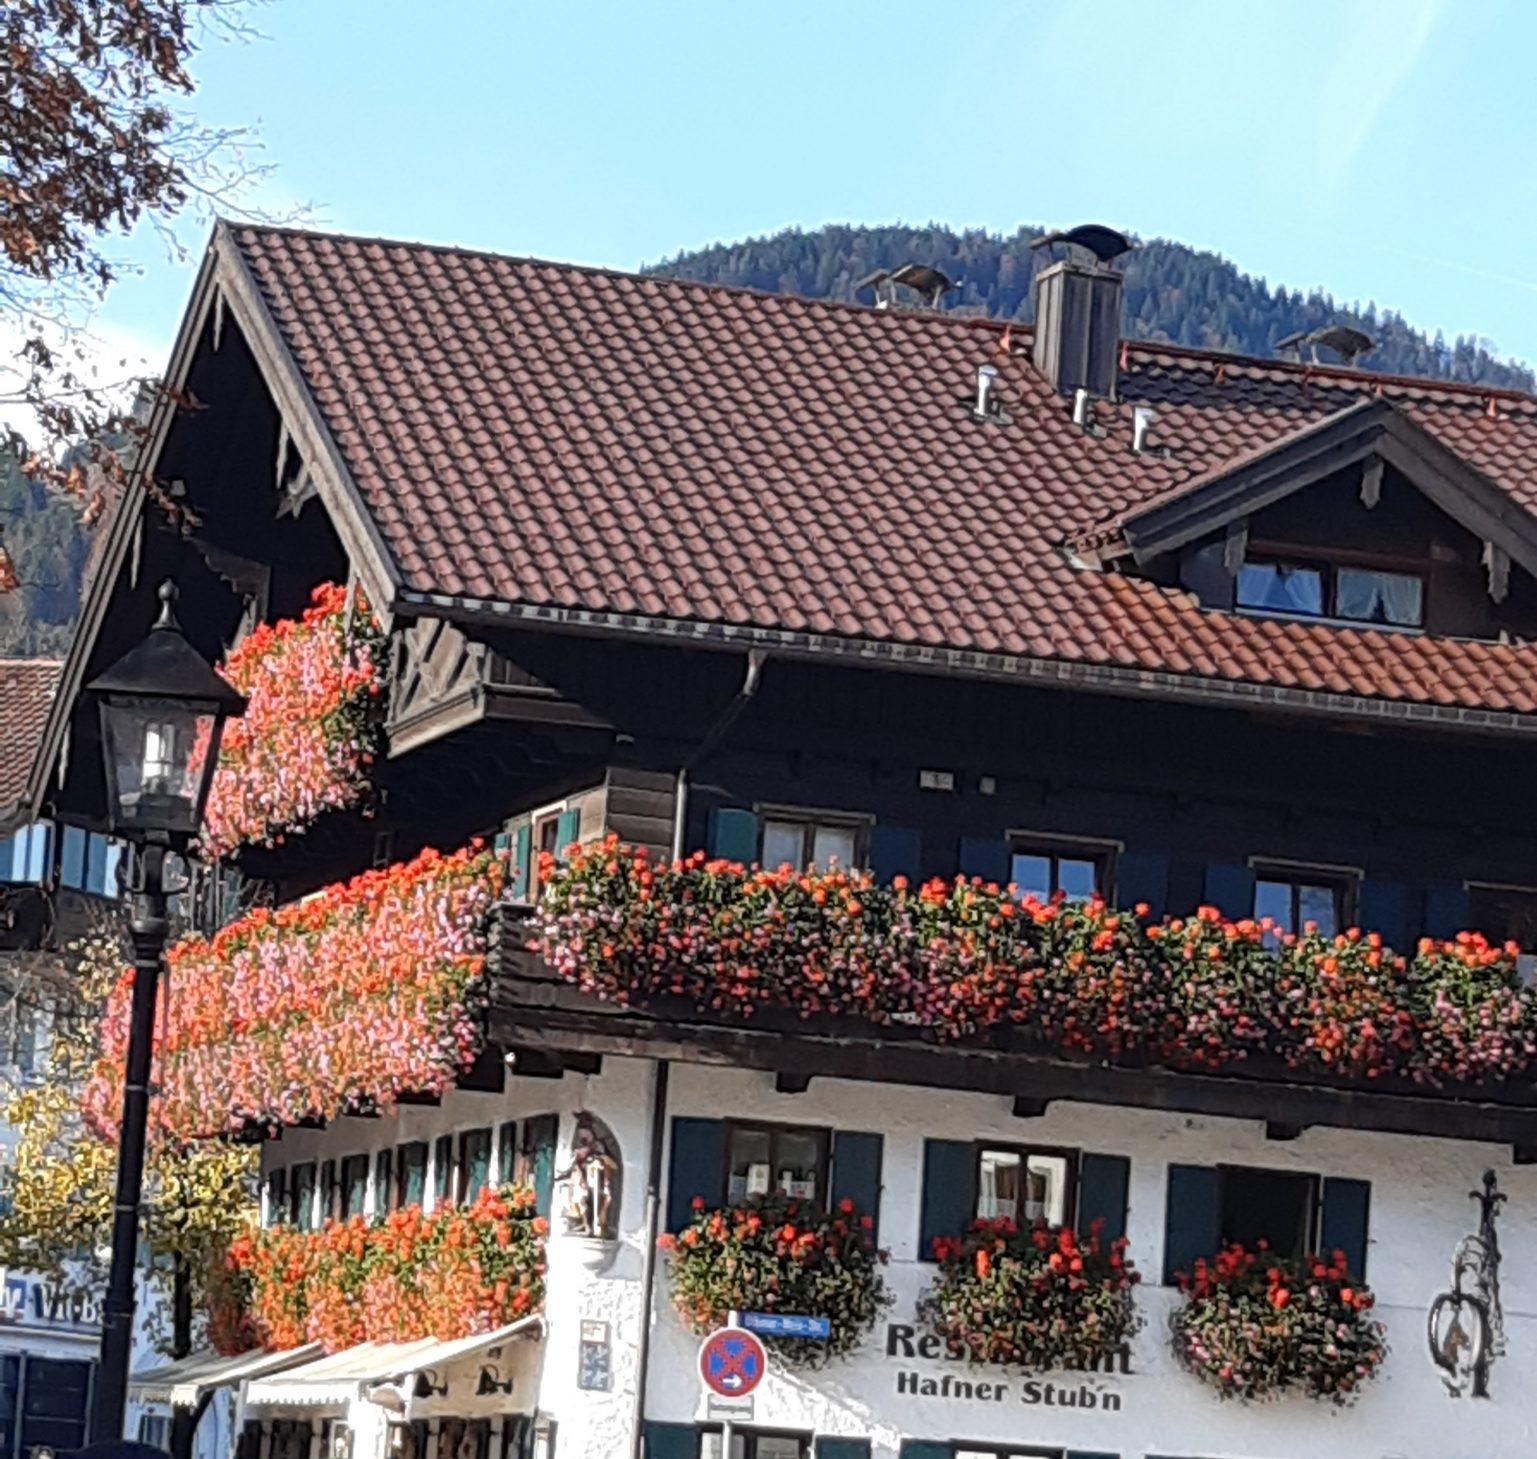 Haus mit Geranien am Balkon Oberammergau